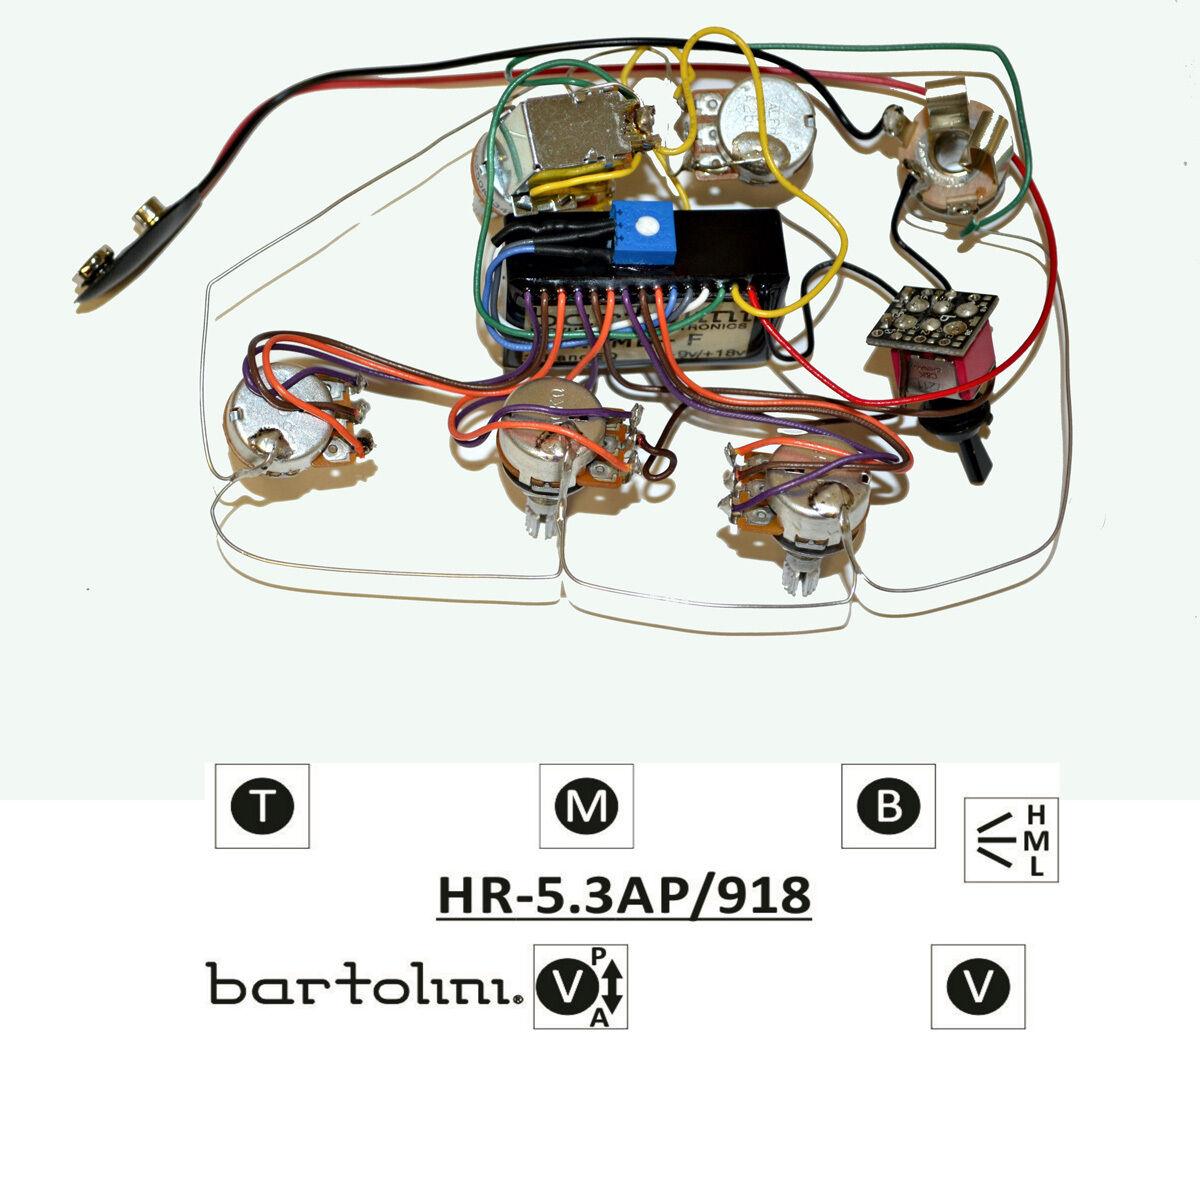 Bartolini Hr-5.3ap Pre-cablato 3 Orchestra Eq Attivo Passivo Preamplificatore